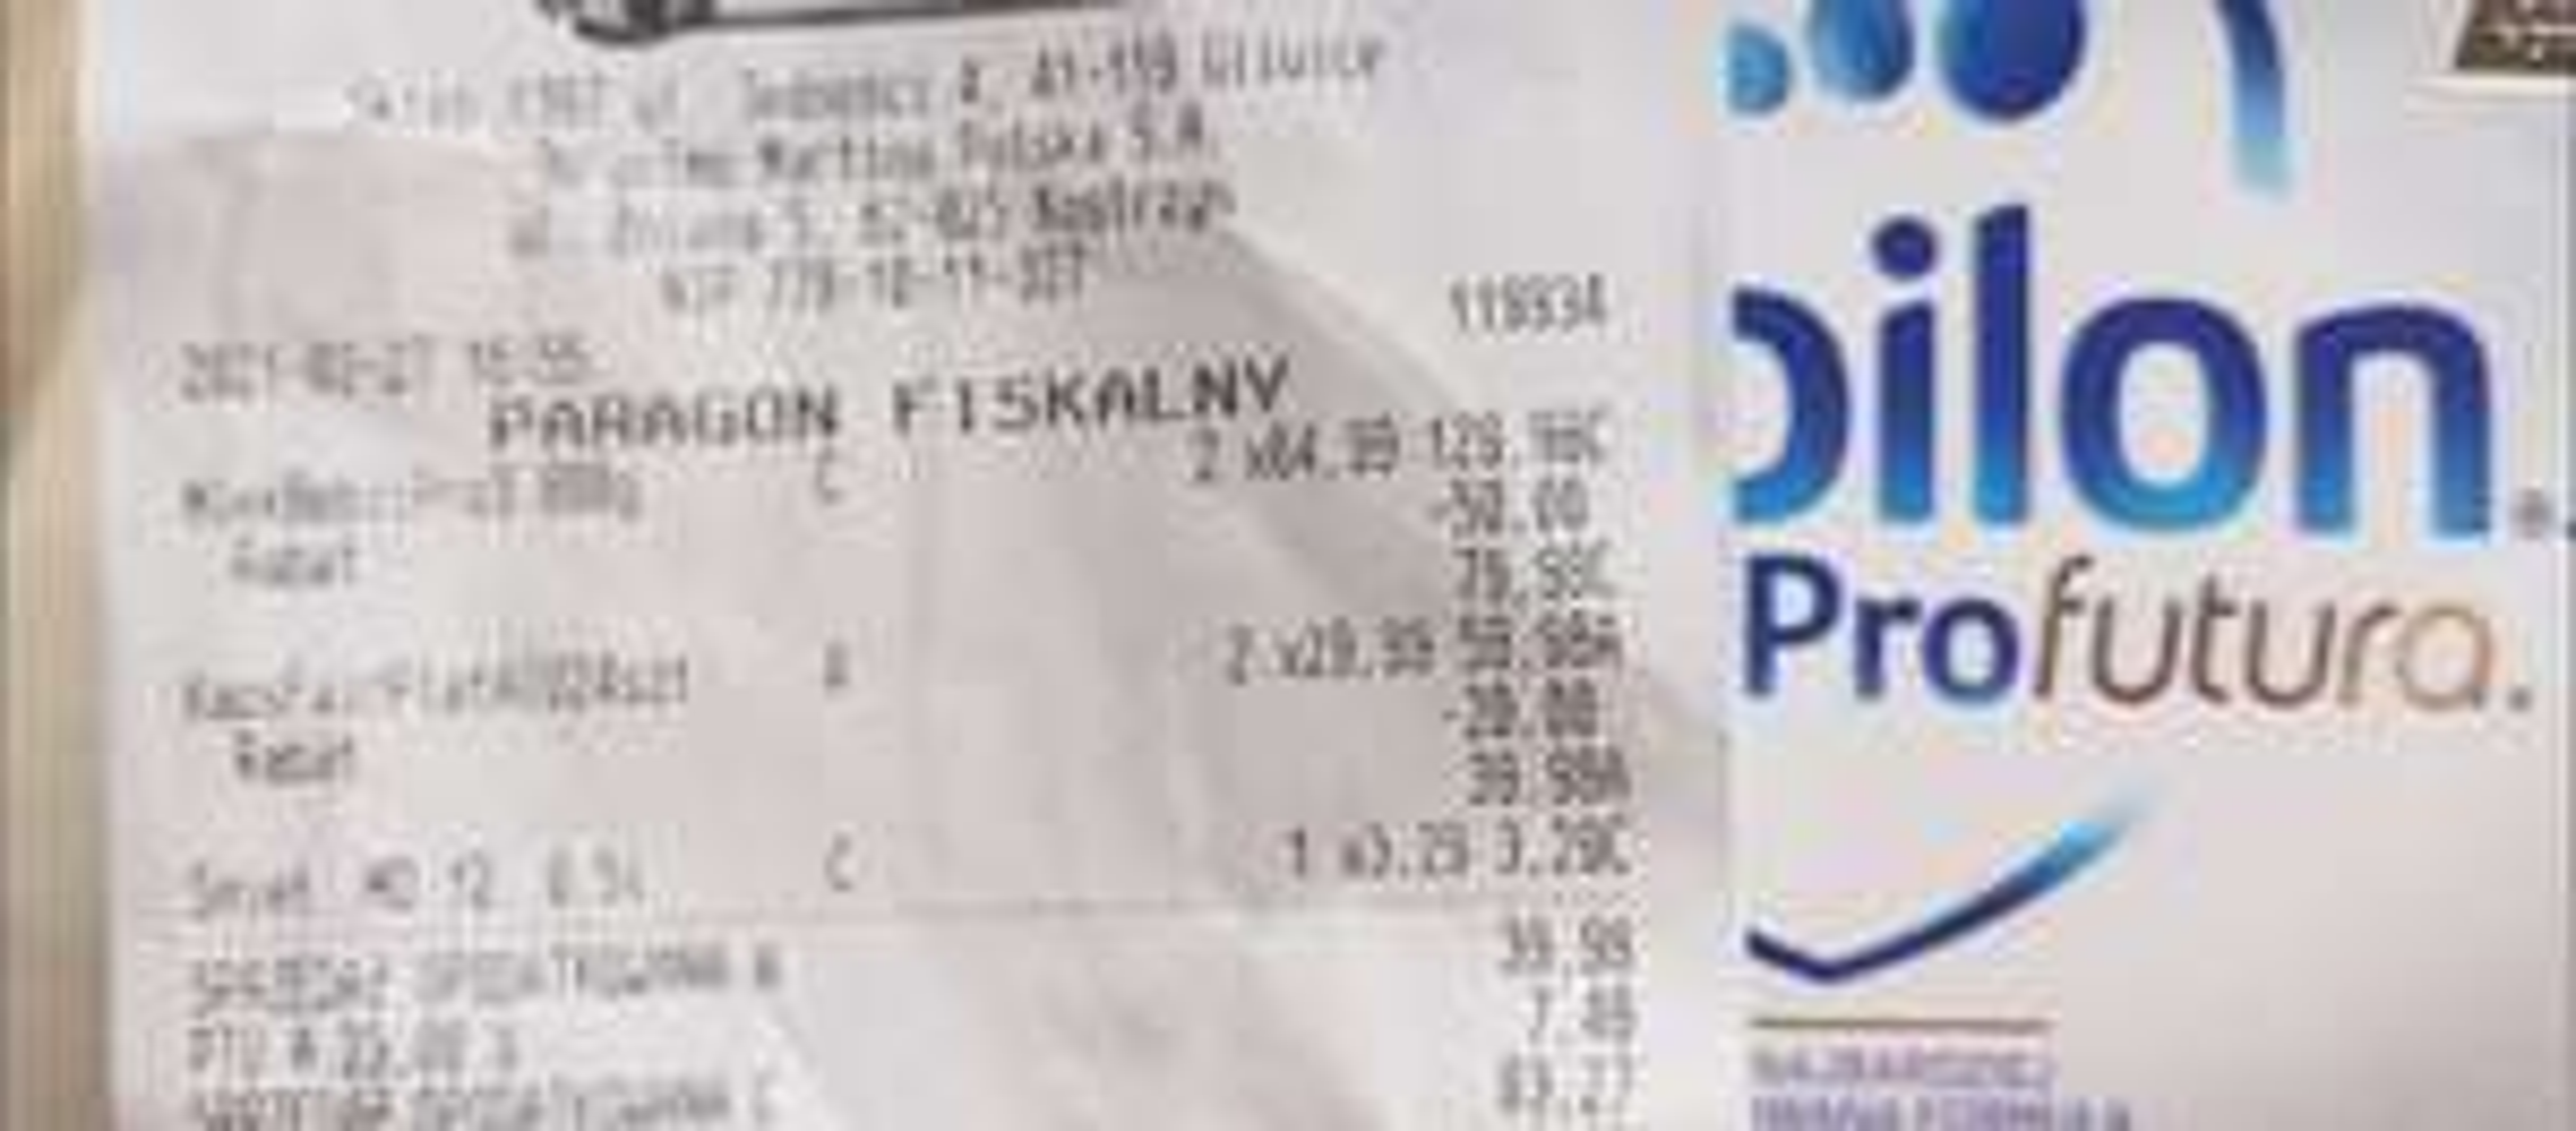 Mleko Bebilon Profutura 800g 1,2,3 w biedronce przy zakupie 2 sztuk